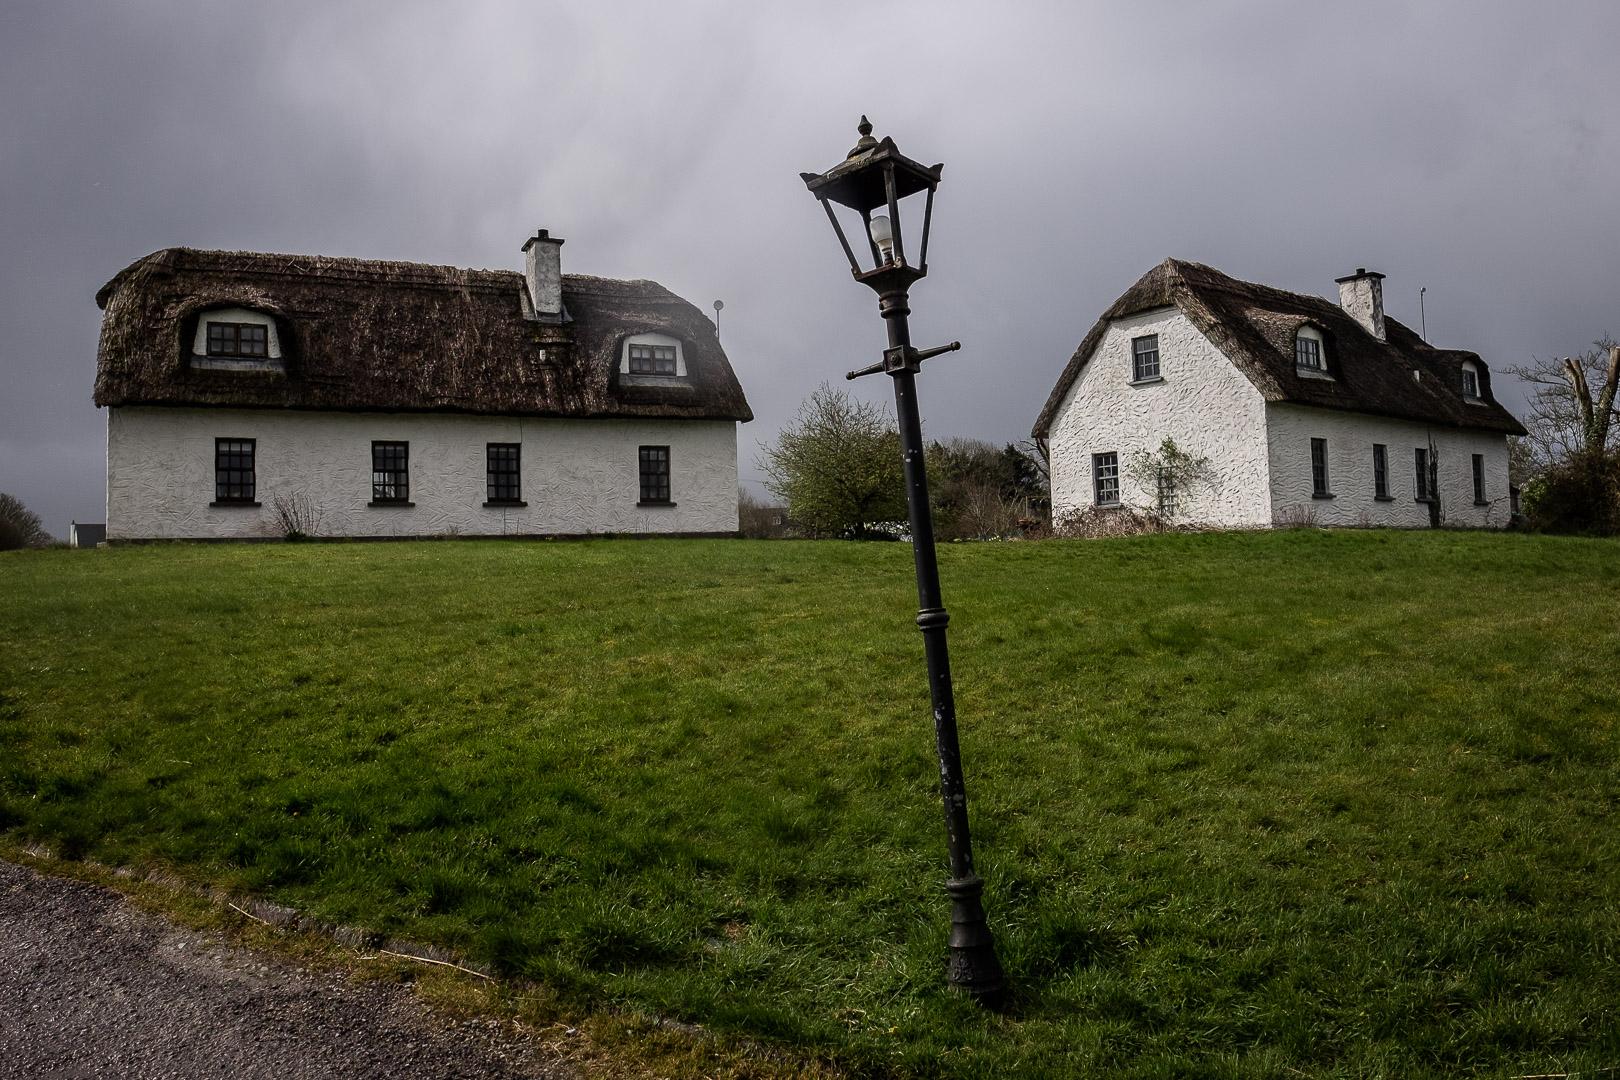 160407-Ireland-Galway_Moher-172-1080.jpg